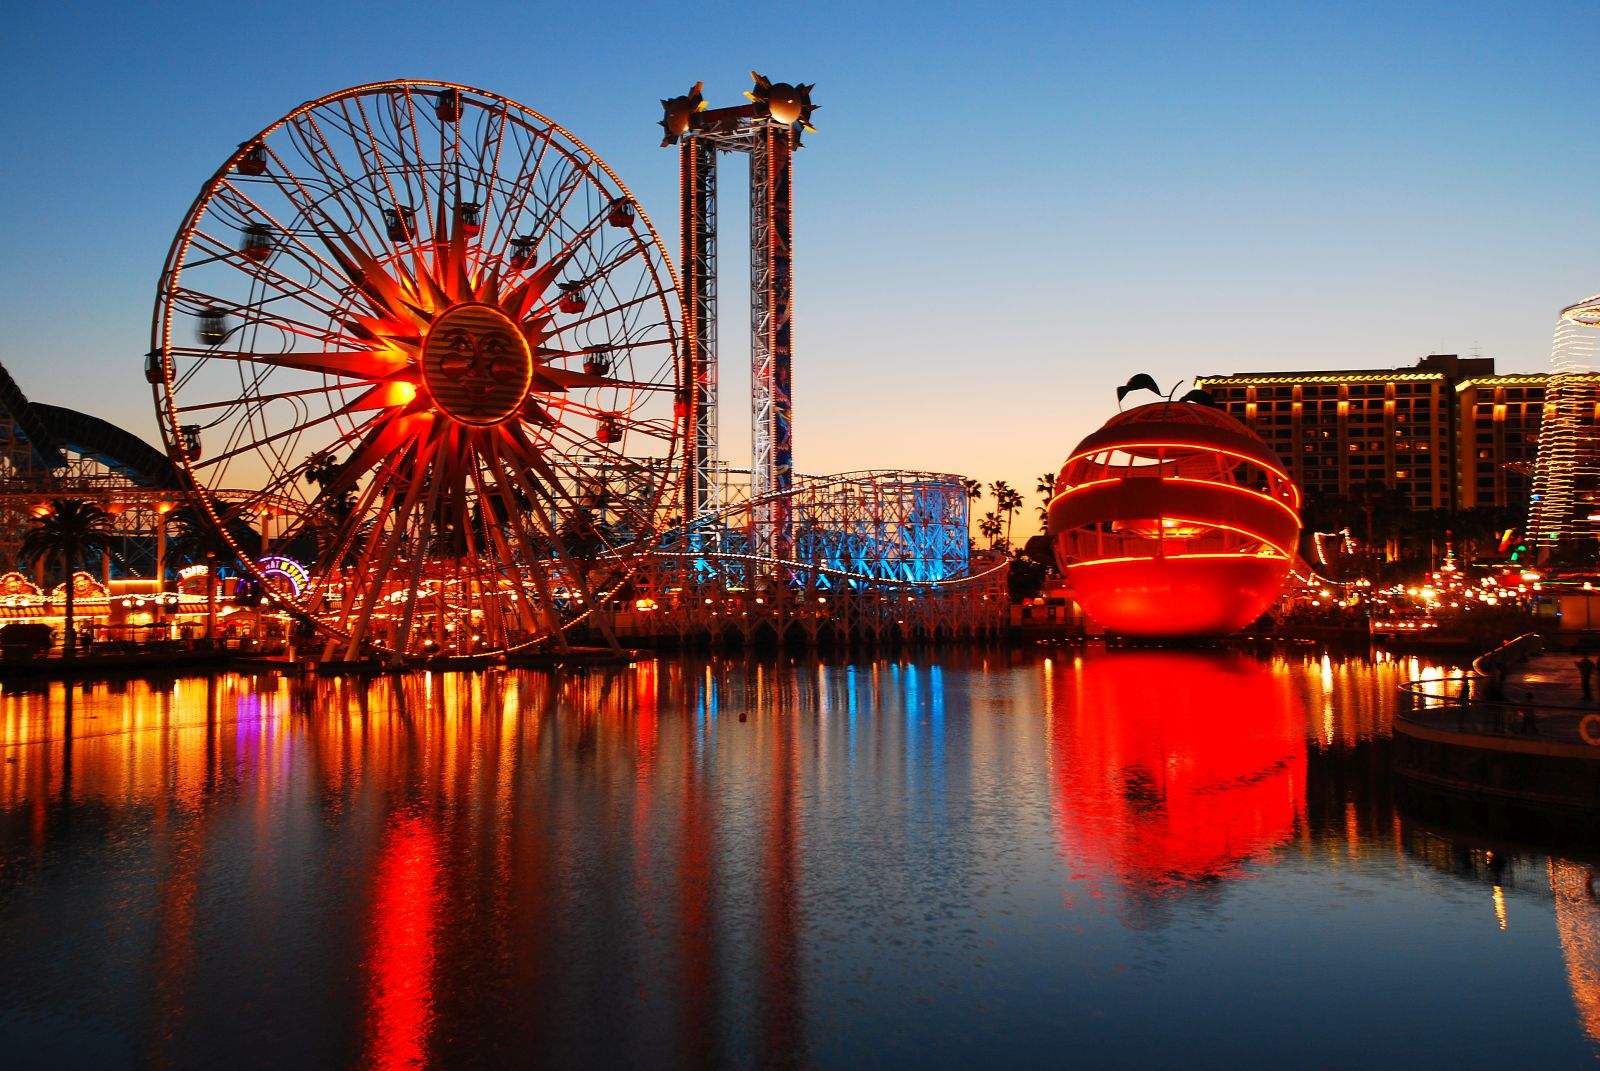 Ab sofort gelten in den Disney-Freizeitparks neue Regeln. Diese betreffen zum einen die Besitzer großer Kinderwägen und zum anderen die Raucher.